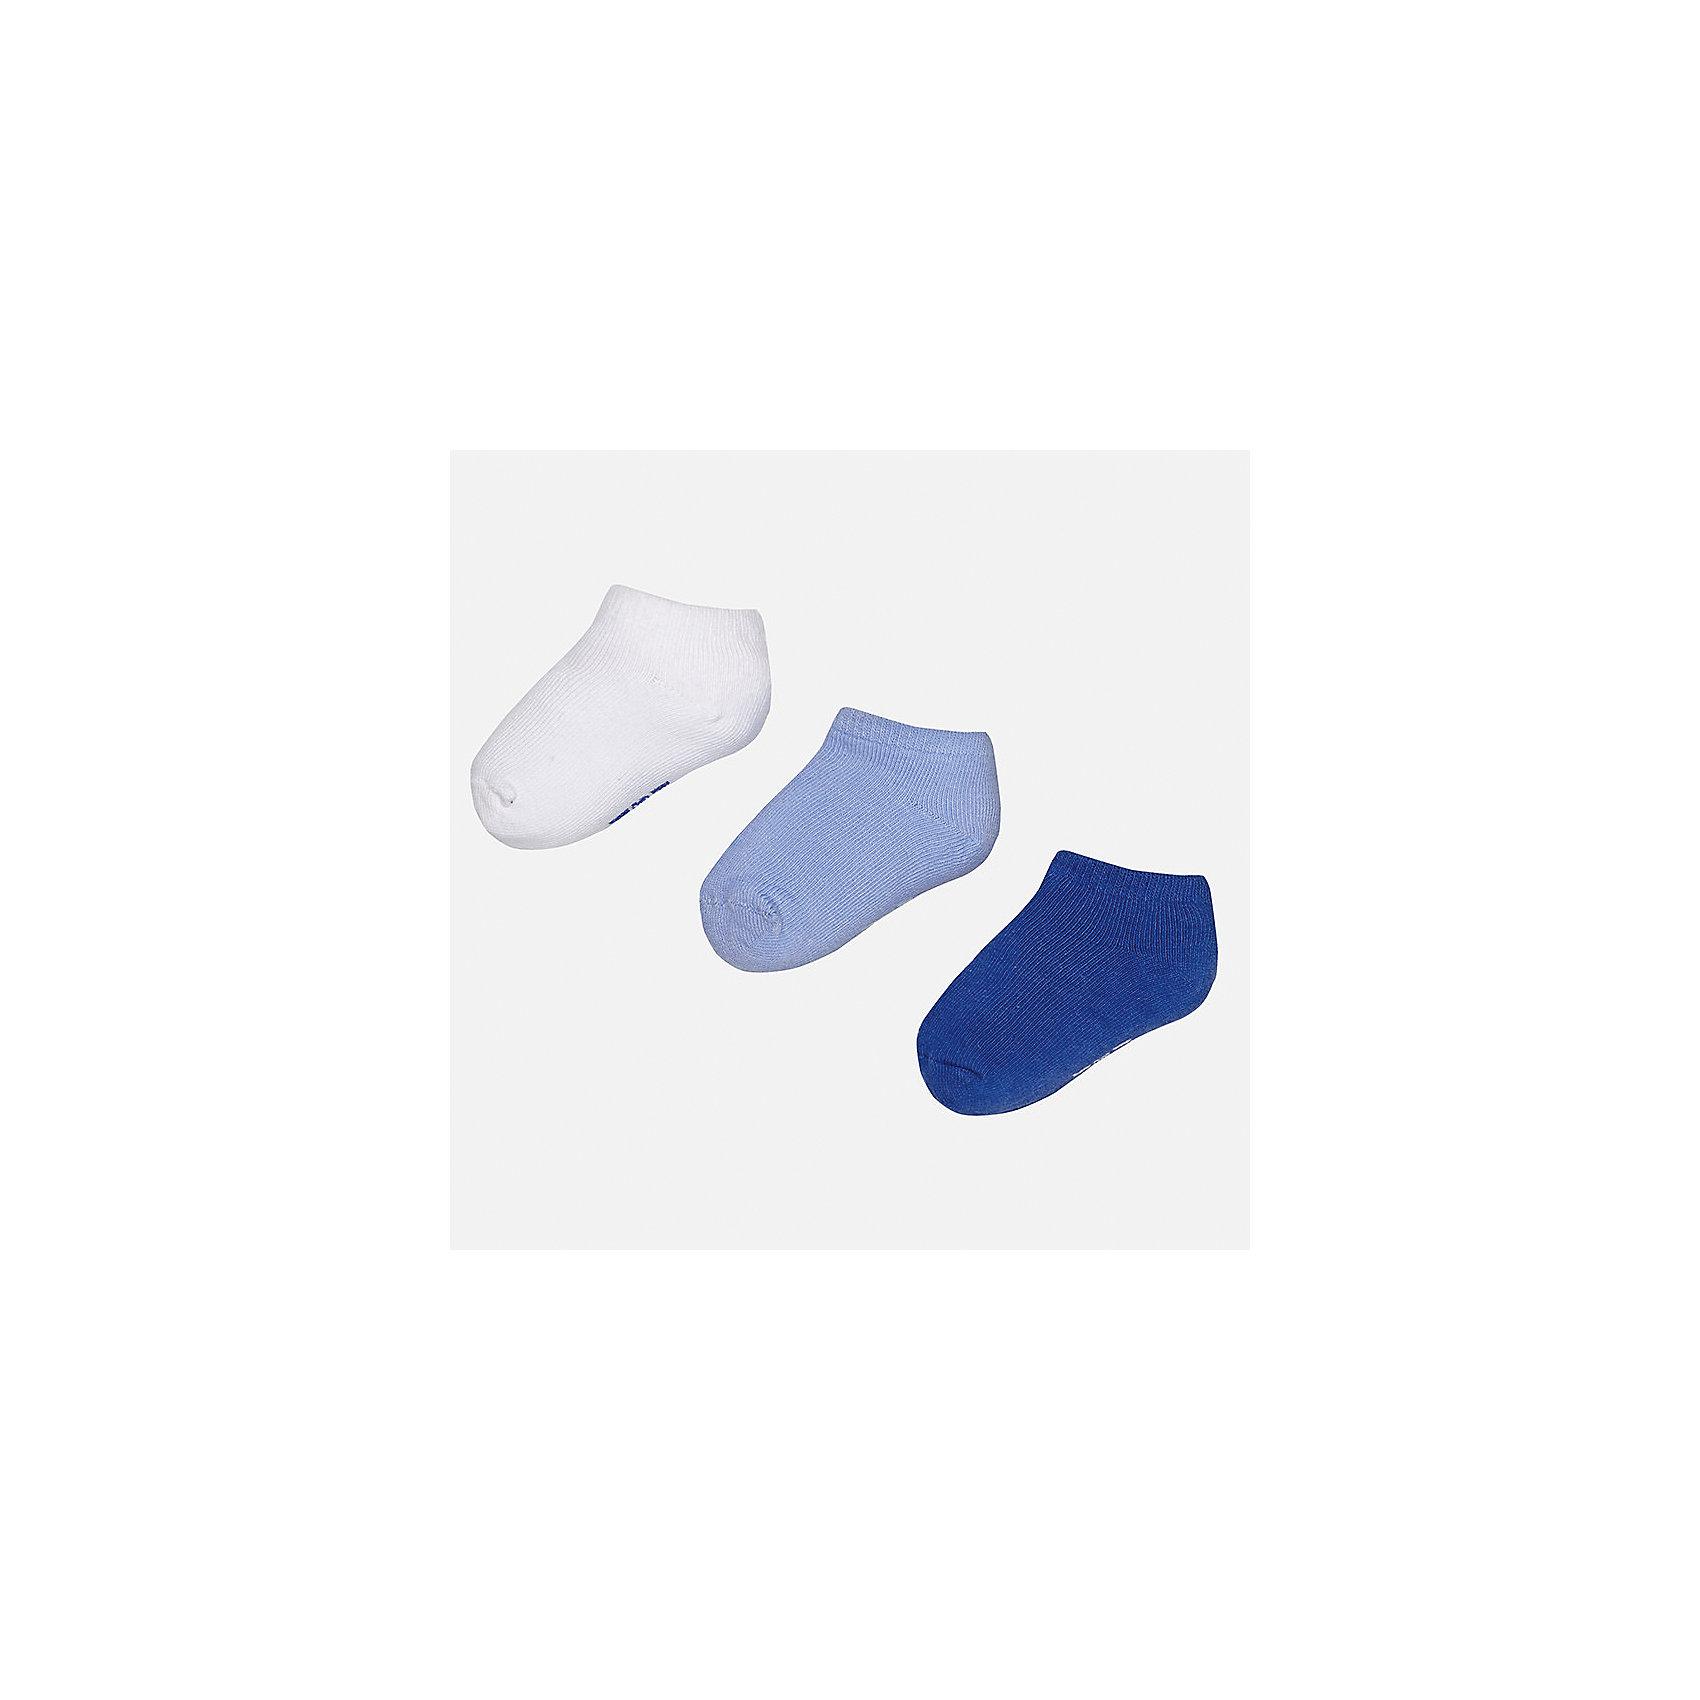 Носки для мальчика MayoralНоски<br>Характеристики товара:<br><br>• цвет: белый/голубой/синий<br>• состав: 72% хлопок, 25% полиамид, 3% эластан<br>• комплектация: три пары<br>• мягкая резинка<br>• эластичный материал<br>• однотонные<br>• страна бренда: Испания<br><br>Удобные симпатичные носки для мальчика помогут обеспечить ребенку комфорт и дополнить наряд. Универсальный цвет позволяет надевать их под обувь разных расцветок. Носки удобно сидят на ноге и аккуратно смотрятся. Этот комплект - практичный и красивый! В составе материала - натуральный хлопок, гипоаллергенный, приятный на ощупь, дышащий. <br><br>Одежда, обувь и аксессуары от испанского бренда Mayoral полюбились детям и взрослым по всему миру. Модели этой марки - стильные и удобные. Для их производства используются только безопасные, качественные материалы и фурнитура. Порадуйте ребенка модными и красивыми вещами от Mayoral! <br><br>Носки (3 пары) для мальчика от испанского бренда Mayoral (Майорал) можно купить в нашем интернет-магазине.<br><br>Ширина мм: 87<br>Глубина мм: 10<br>Высота мм: 105<br>Вес г: 115<br>Цвет: синий/белый<br>Возраст от месяцев: 12<br>Возраст до месяцев: 24<br>Пол: Мужской<br>Возраст: Детский<br>Размер: 2,1<br>SKU: 5294250